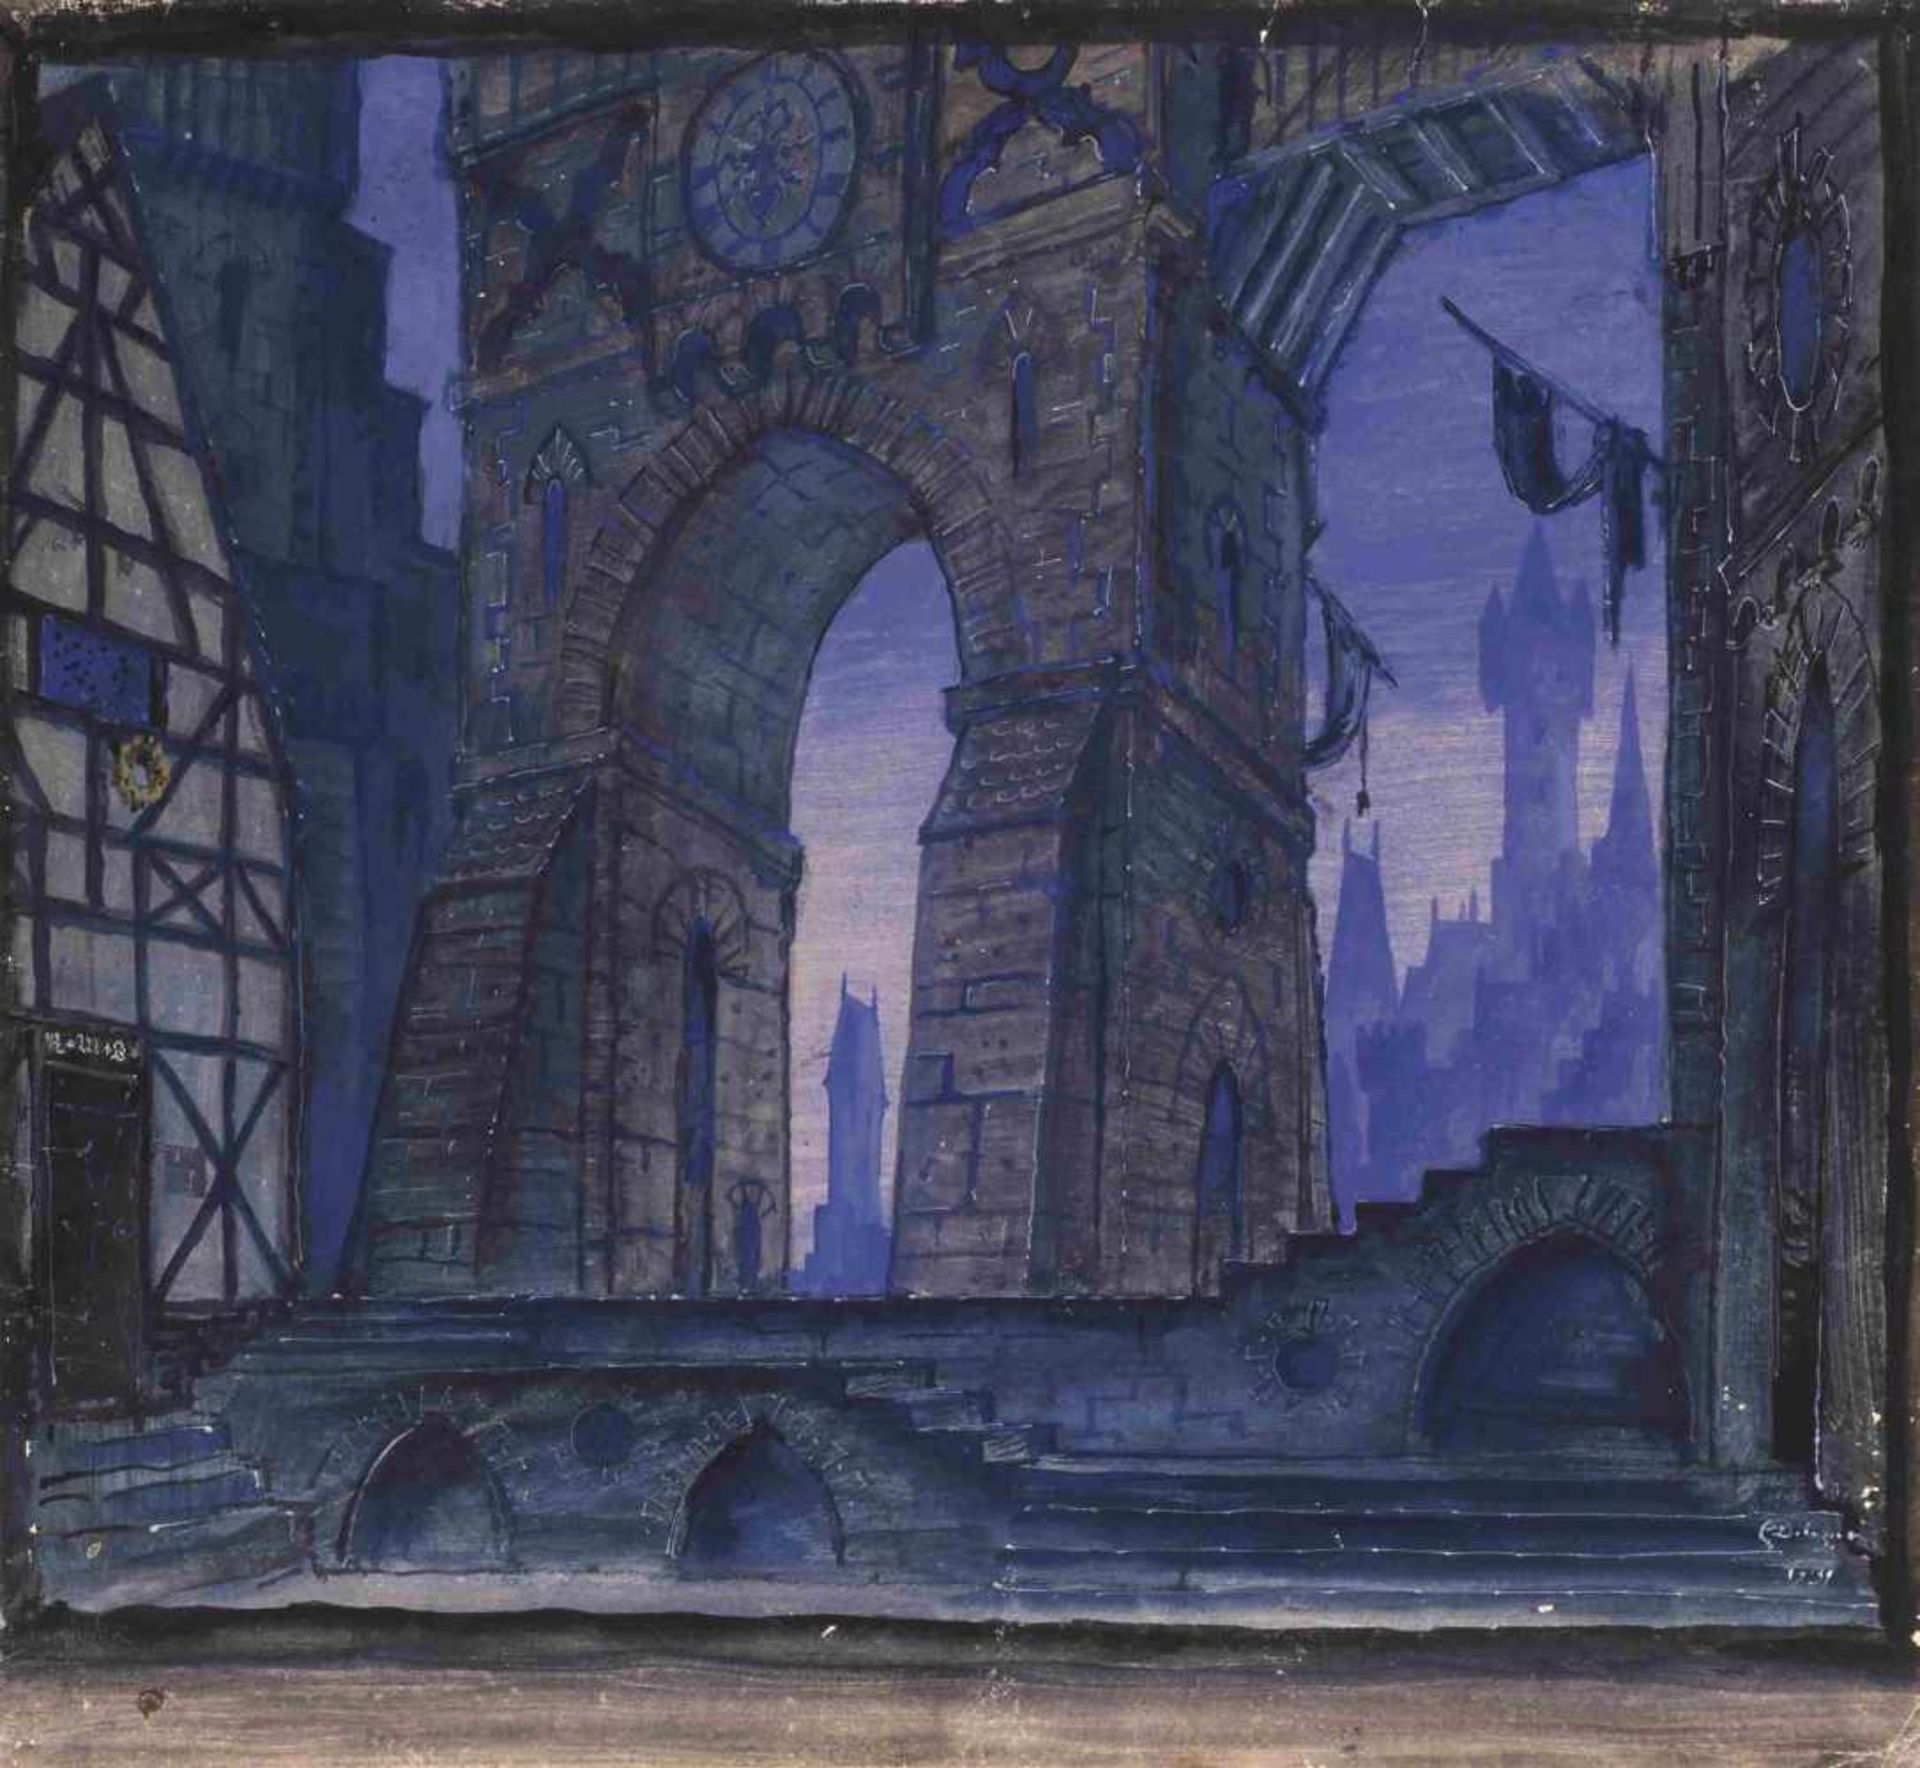 Mstislav Dobuzhinski (1875-1957) Bühnenbildentwurf für die Szene Stadttor - Oper Faust, Inszenierung